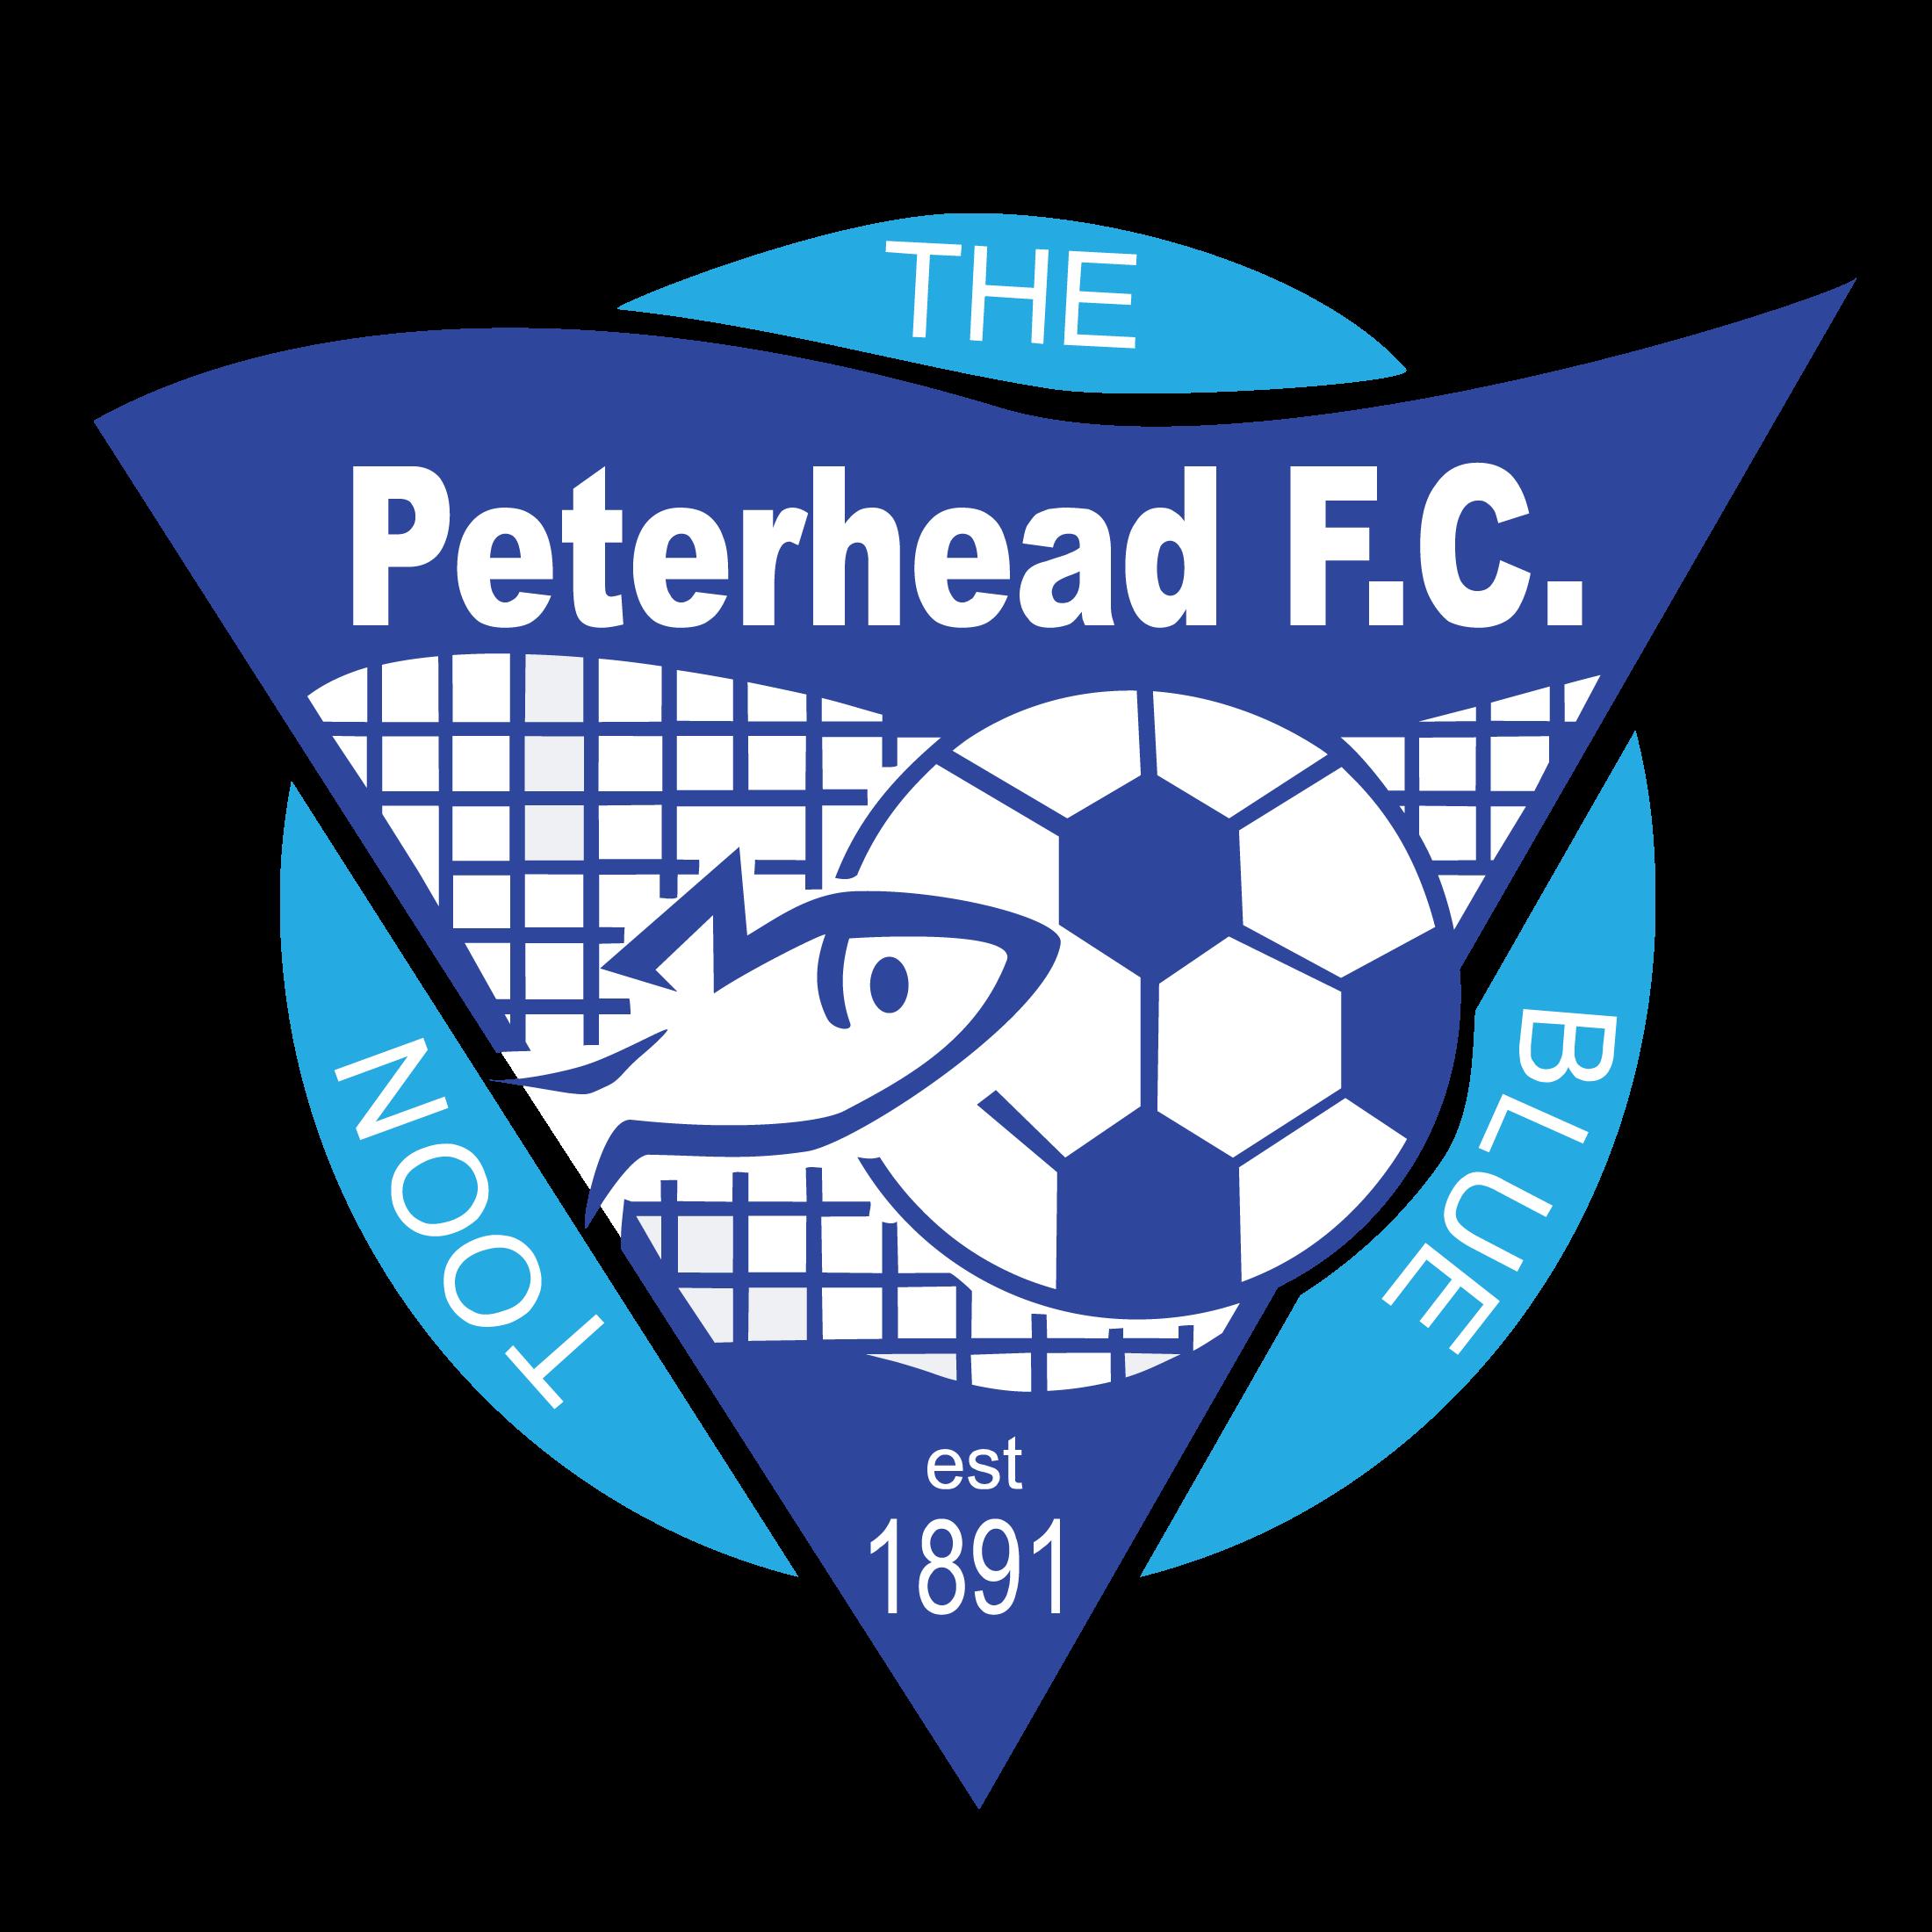 Peterhead Football Club